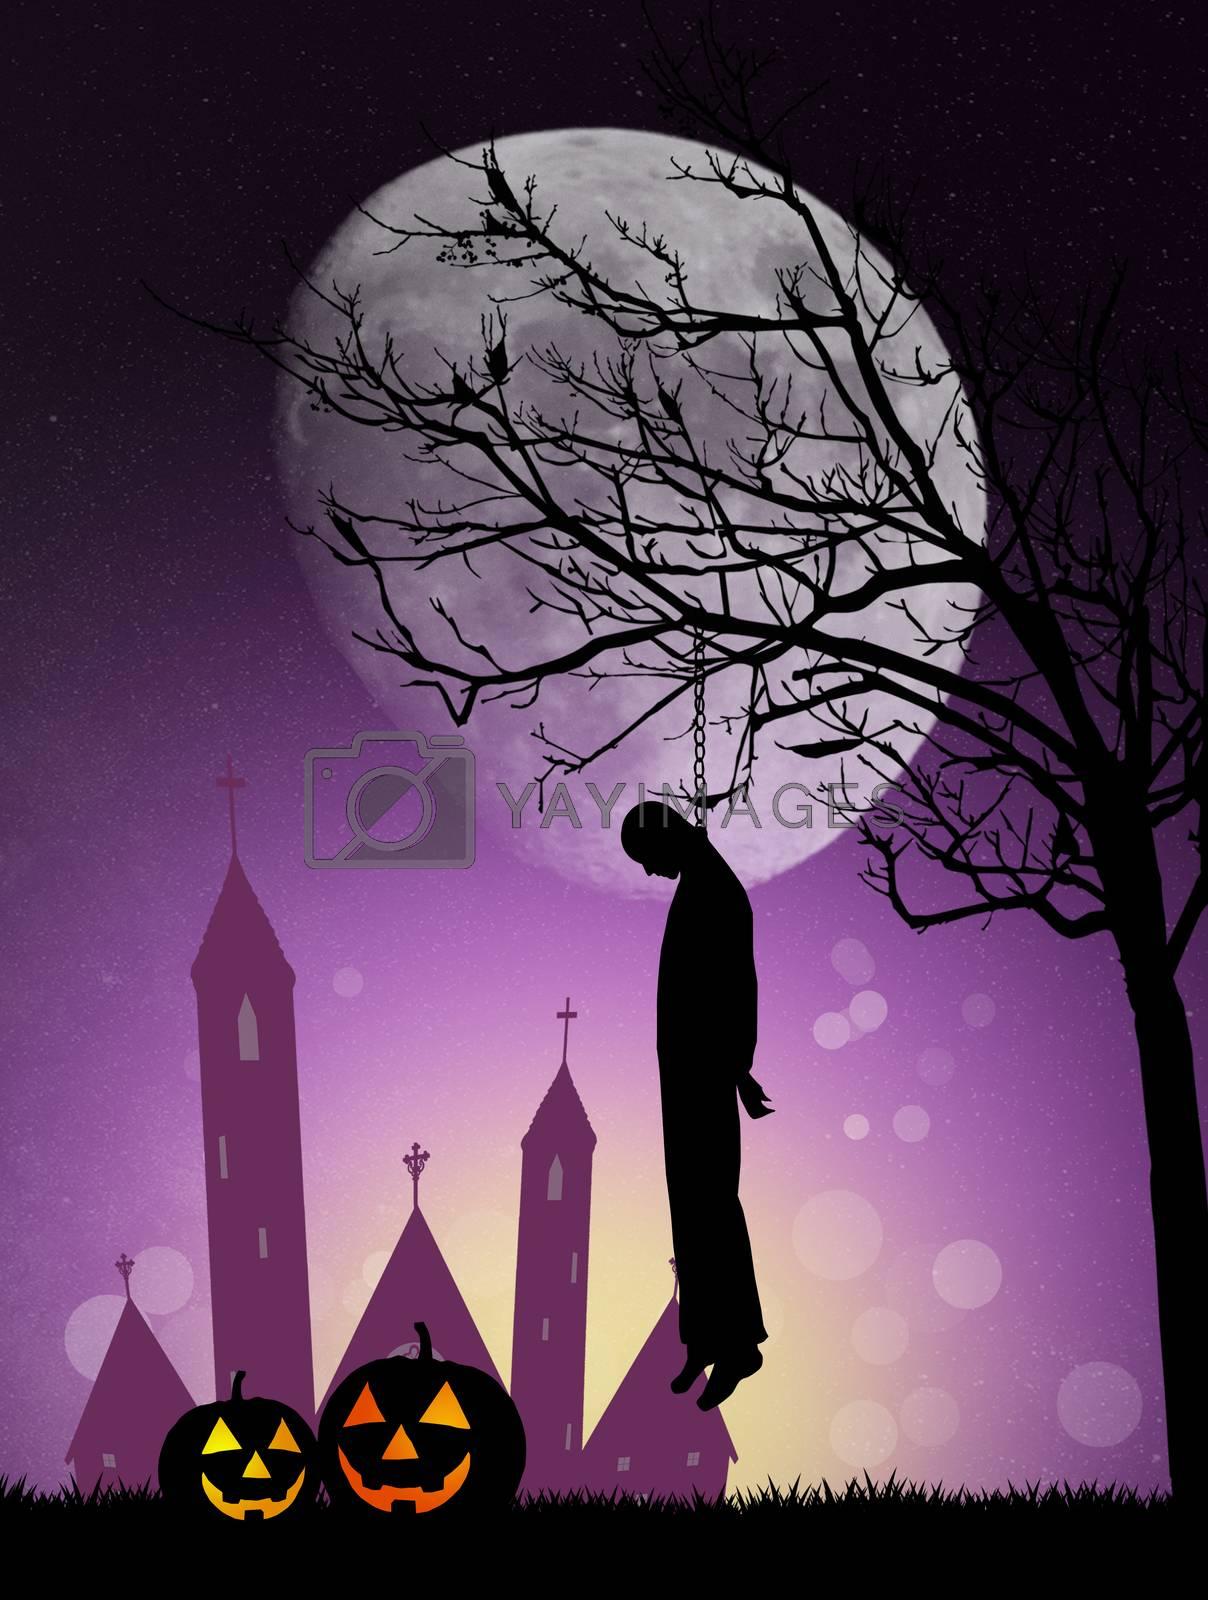 illustration of Hanged man on Halloween